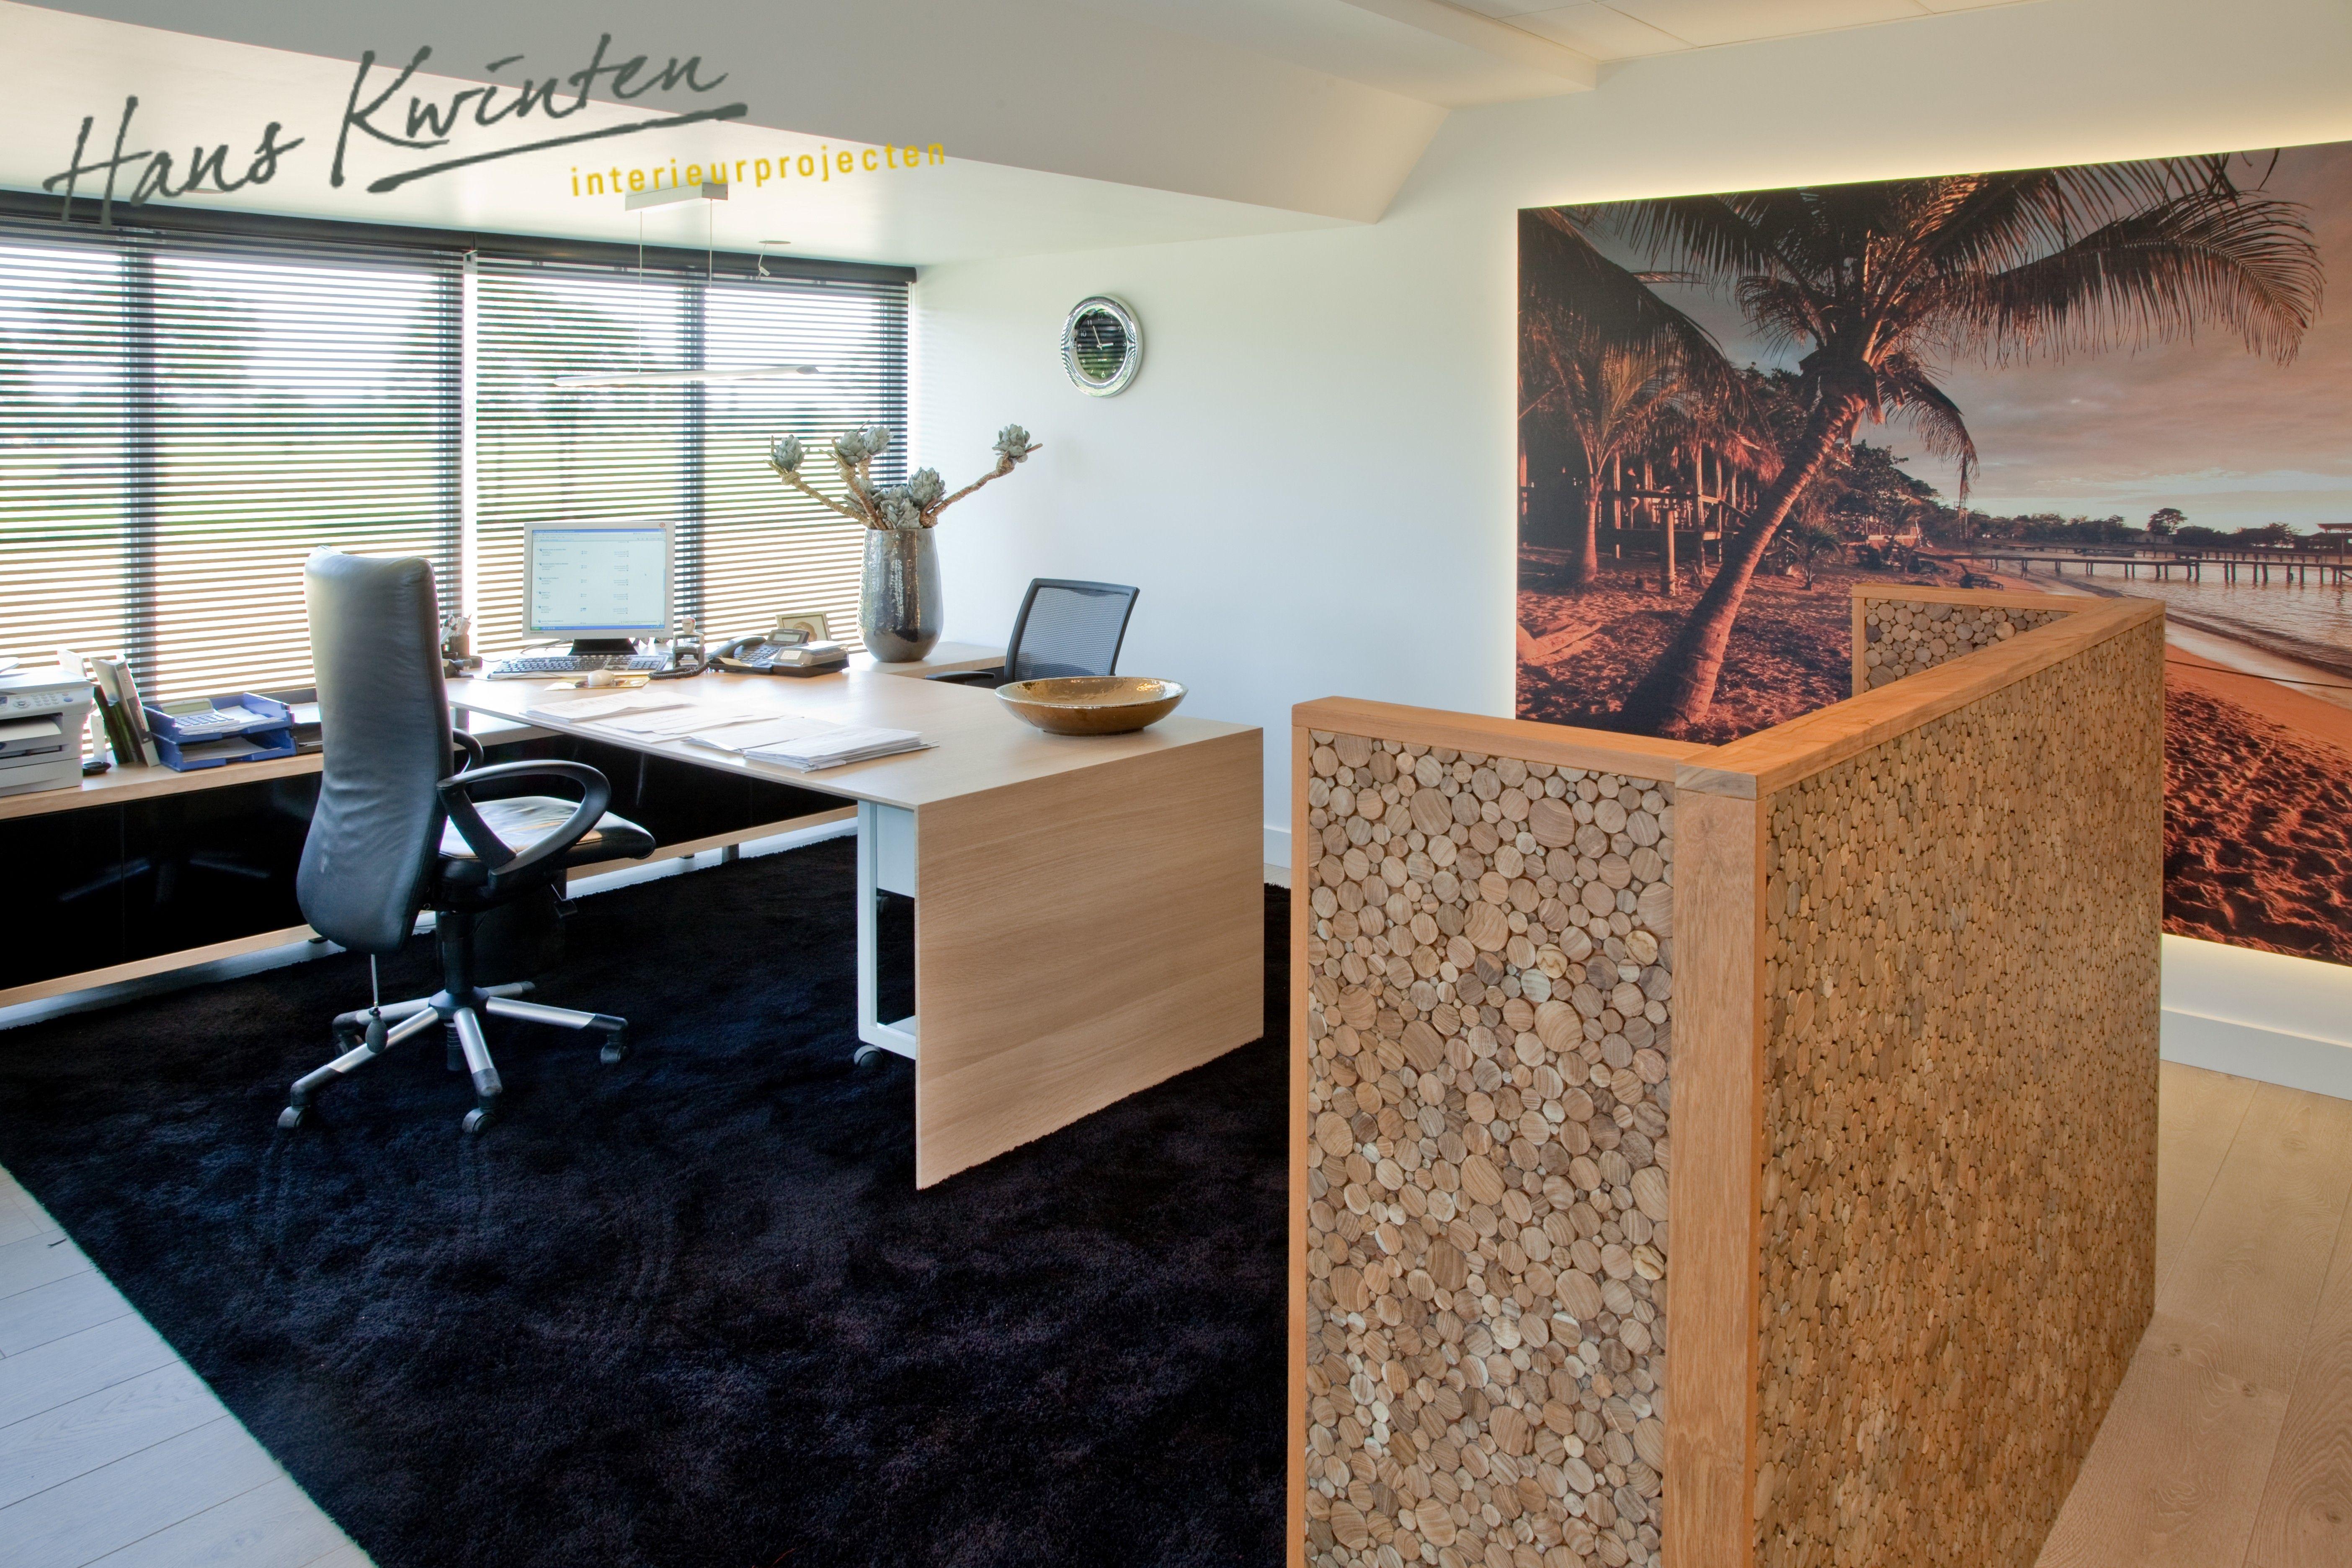 Design Keuken Showroom : Showroom hans kwinten interieurprojecten in bergeijk maatwerk